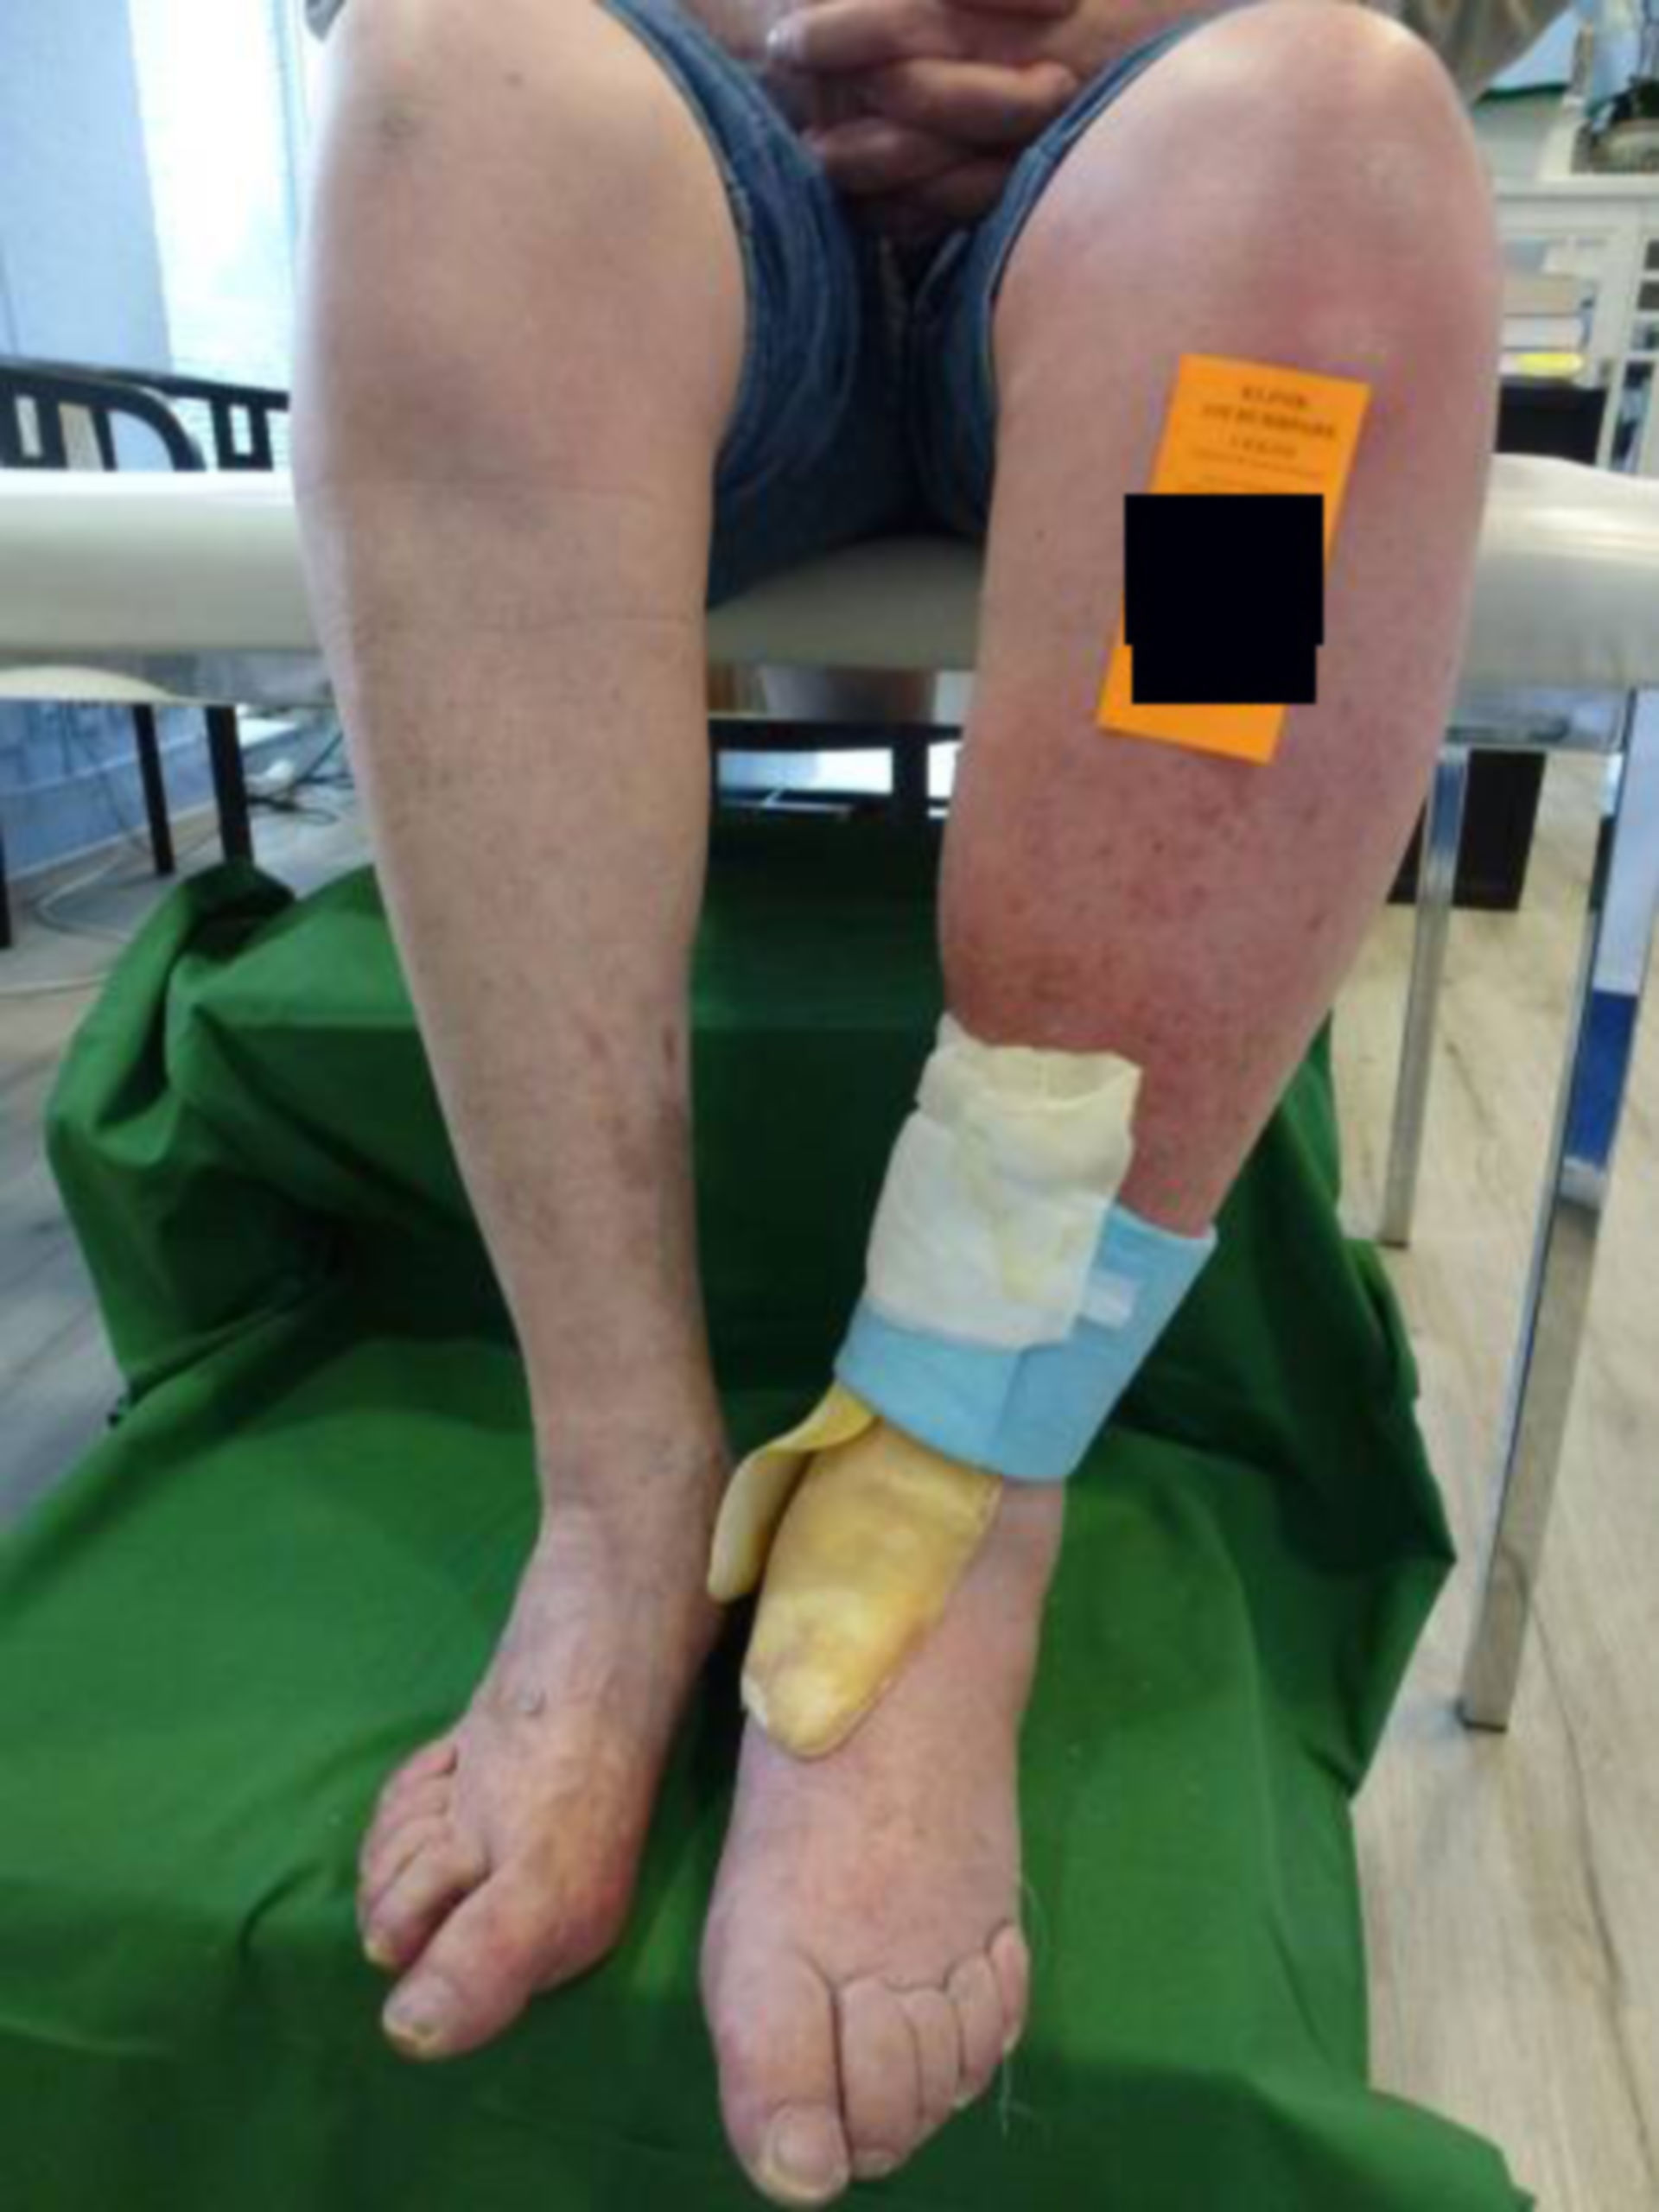 Úlcera de la pierna - Cerrada dentro de 72 horas (2)